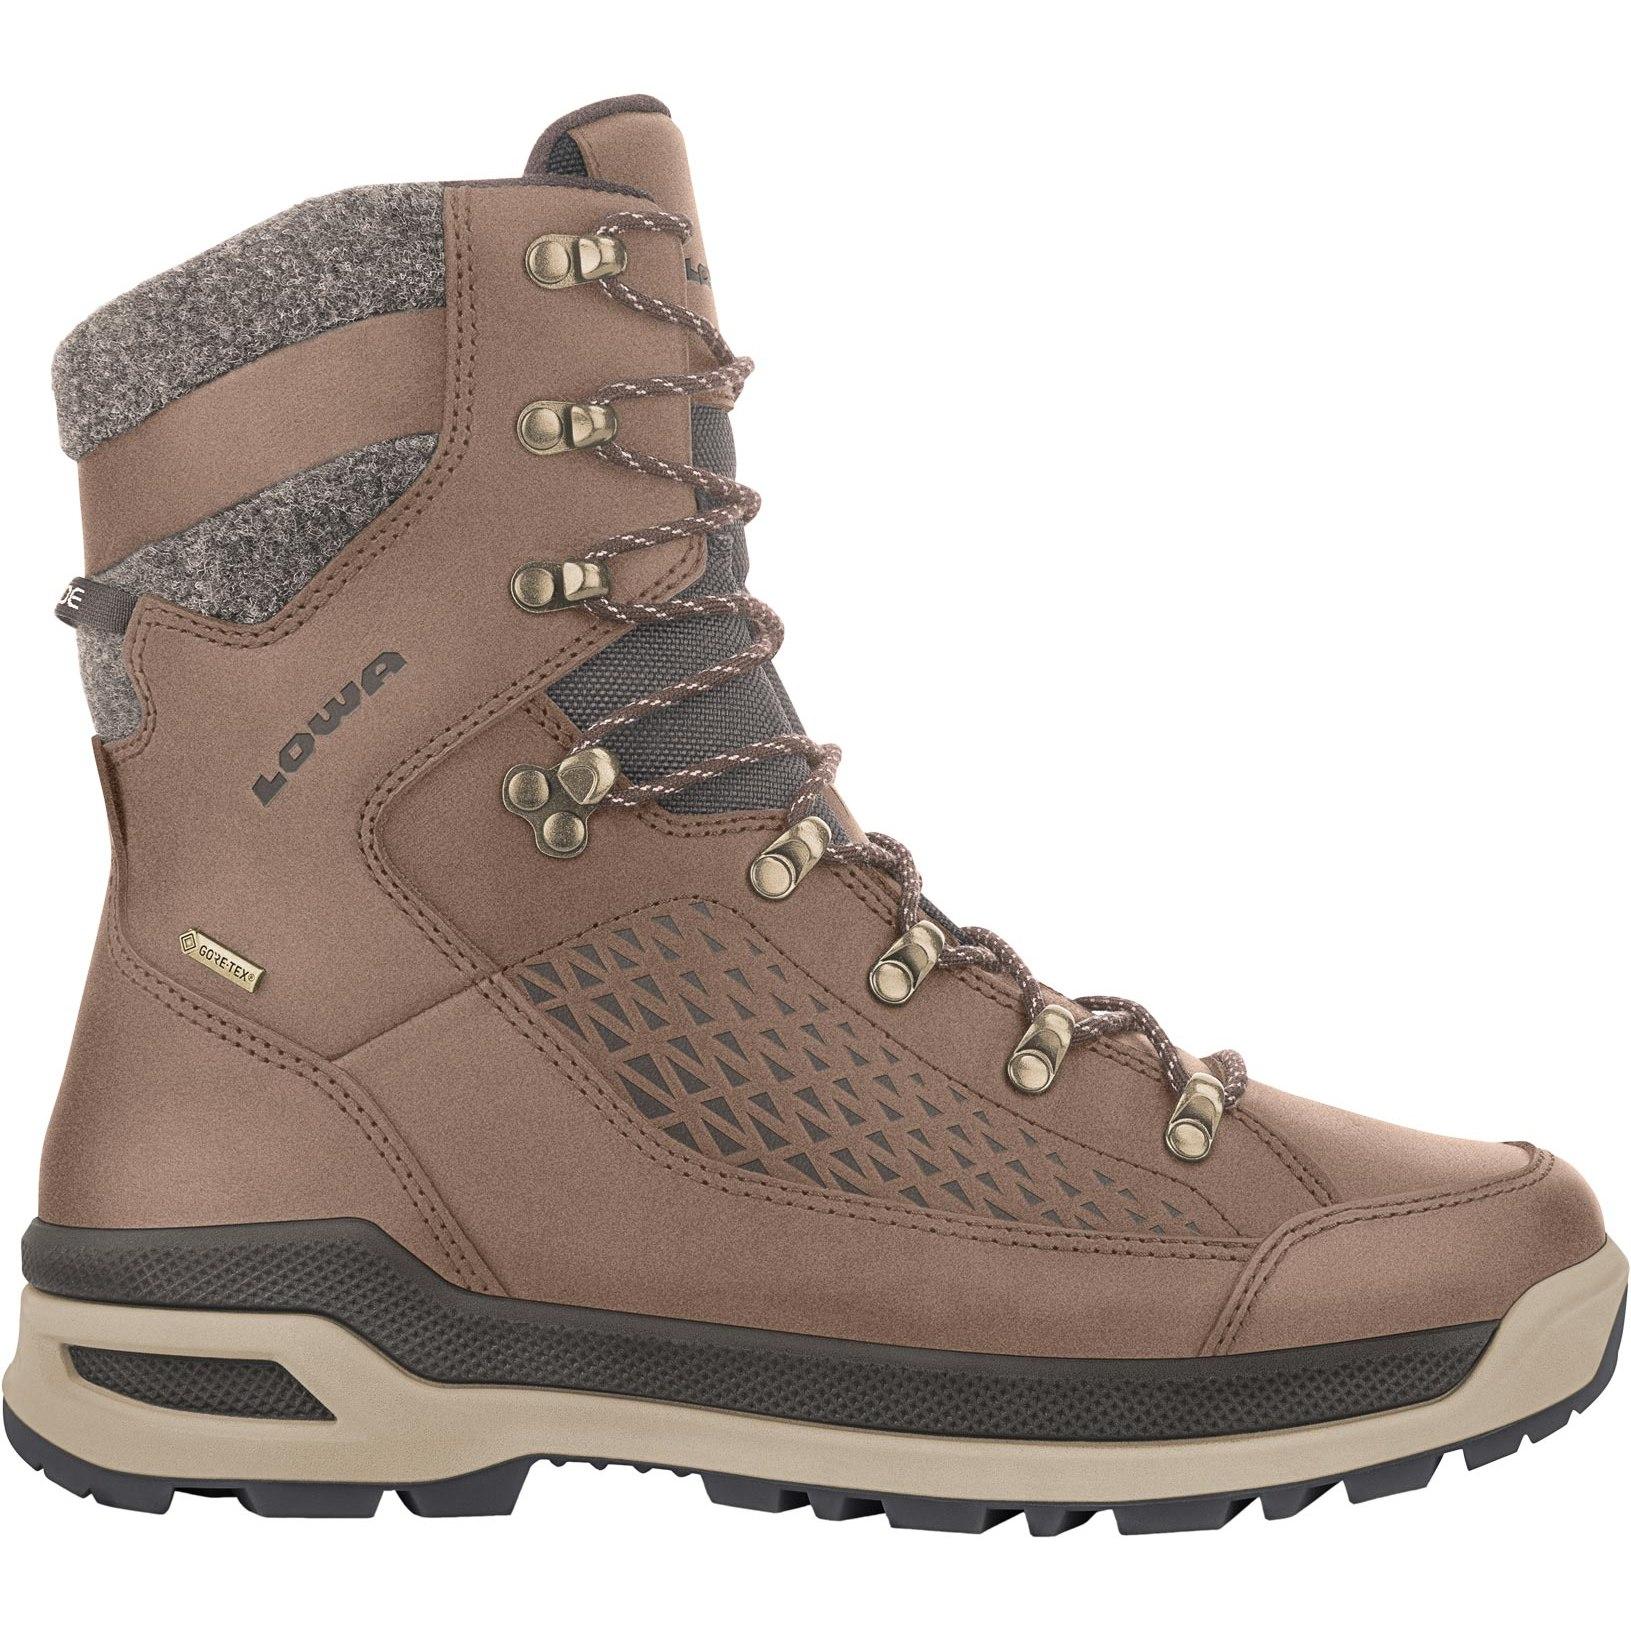 LOWA Renegade EVO Ice GTX Winter Shoe - brown